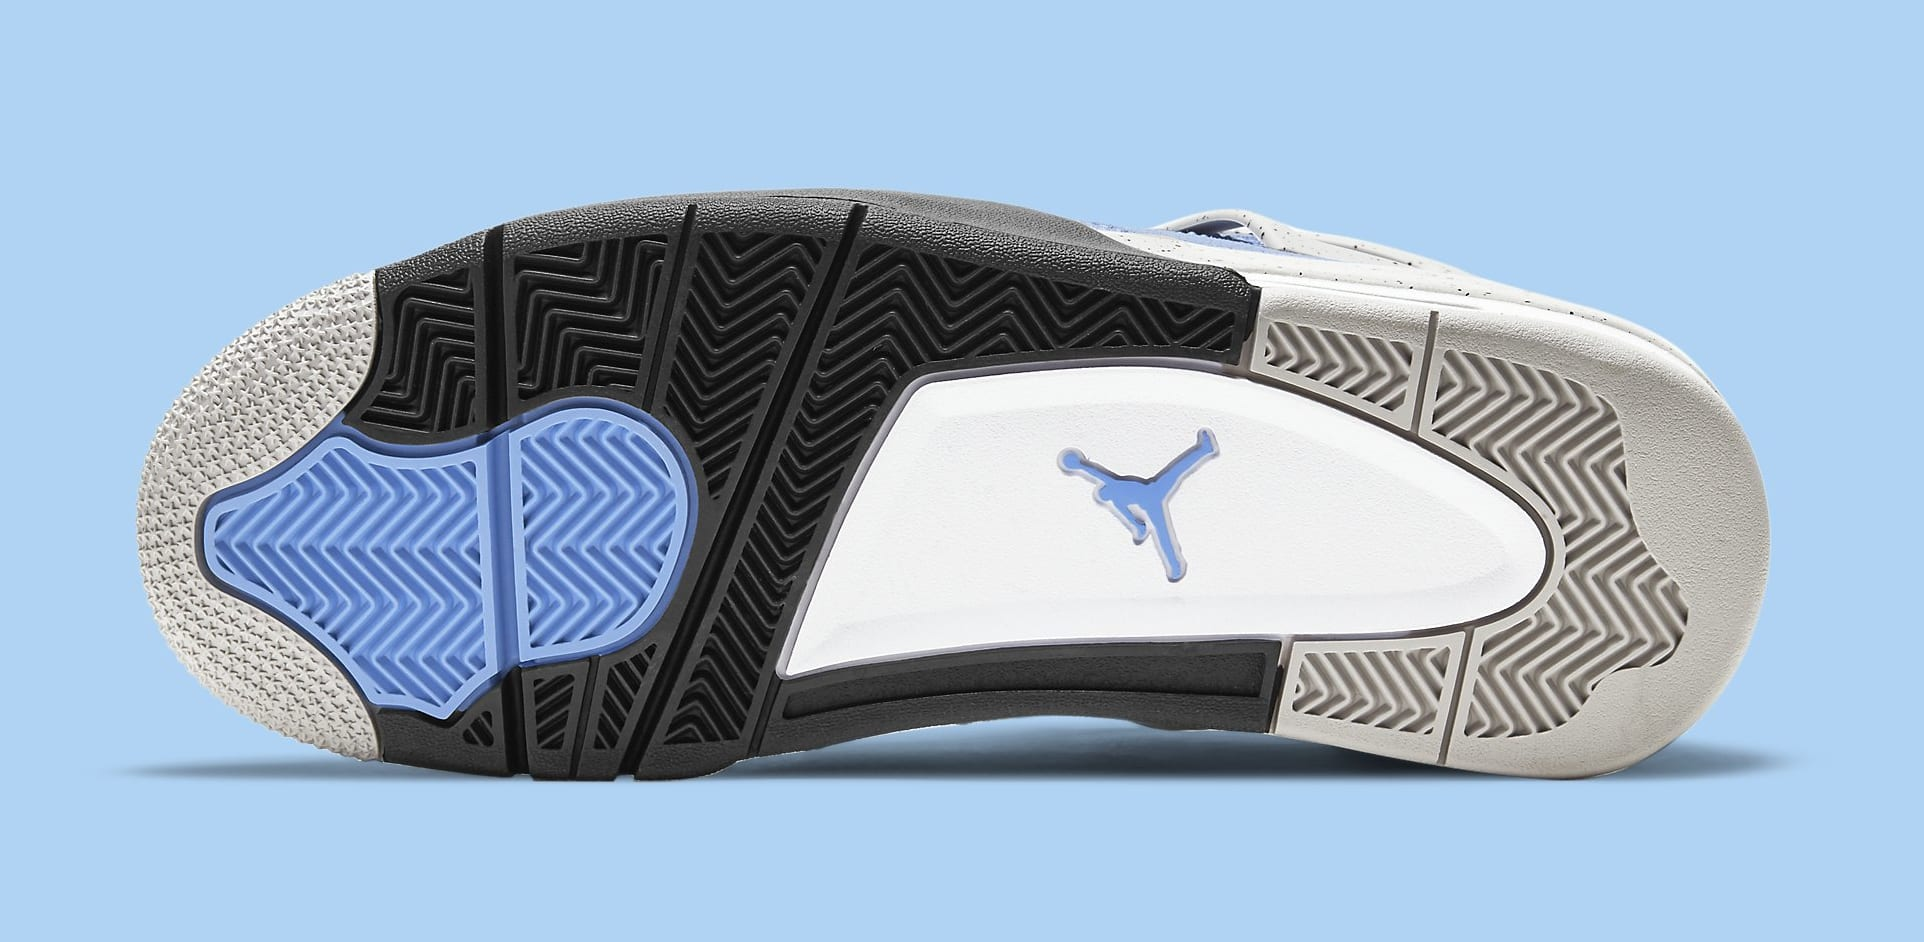 Air Jordan 4 Retro 'UNC' CT8527-400 Outsole